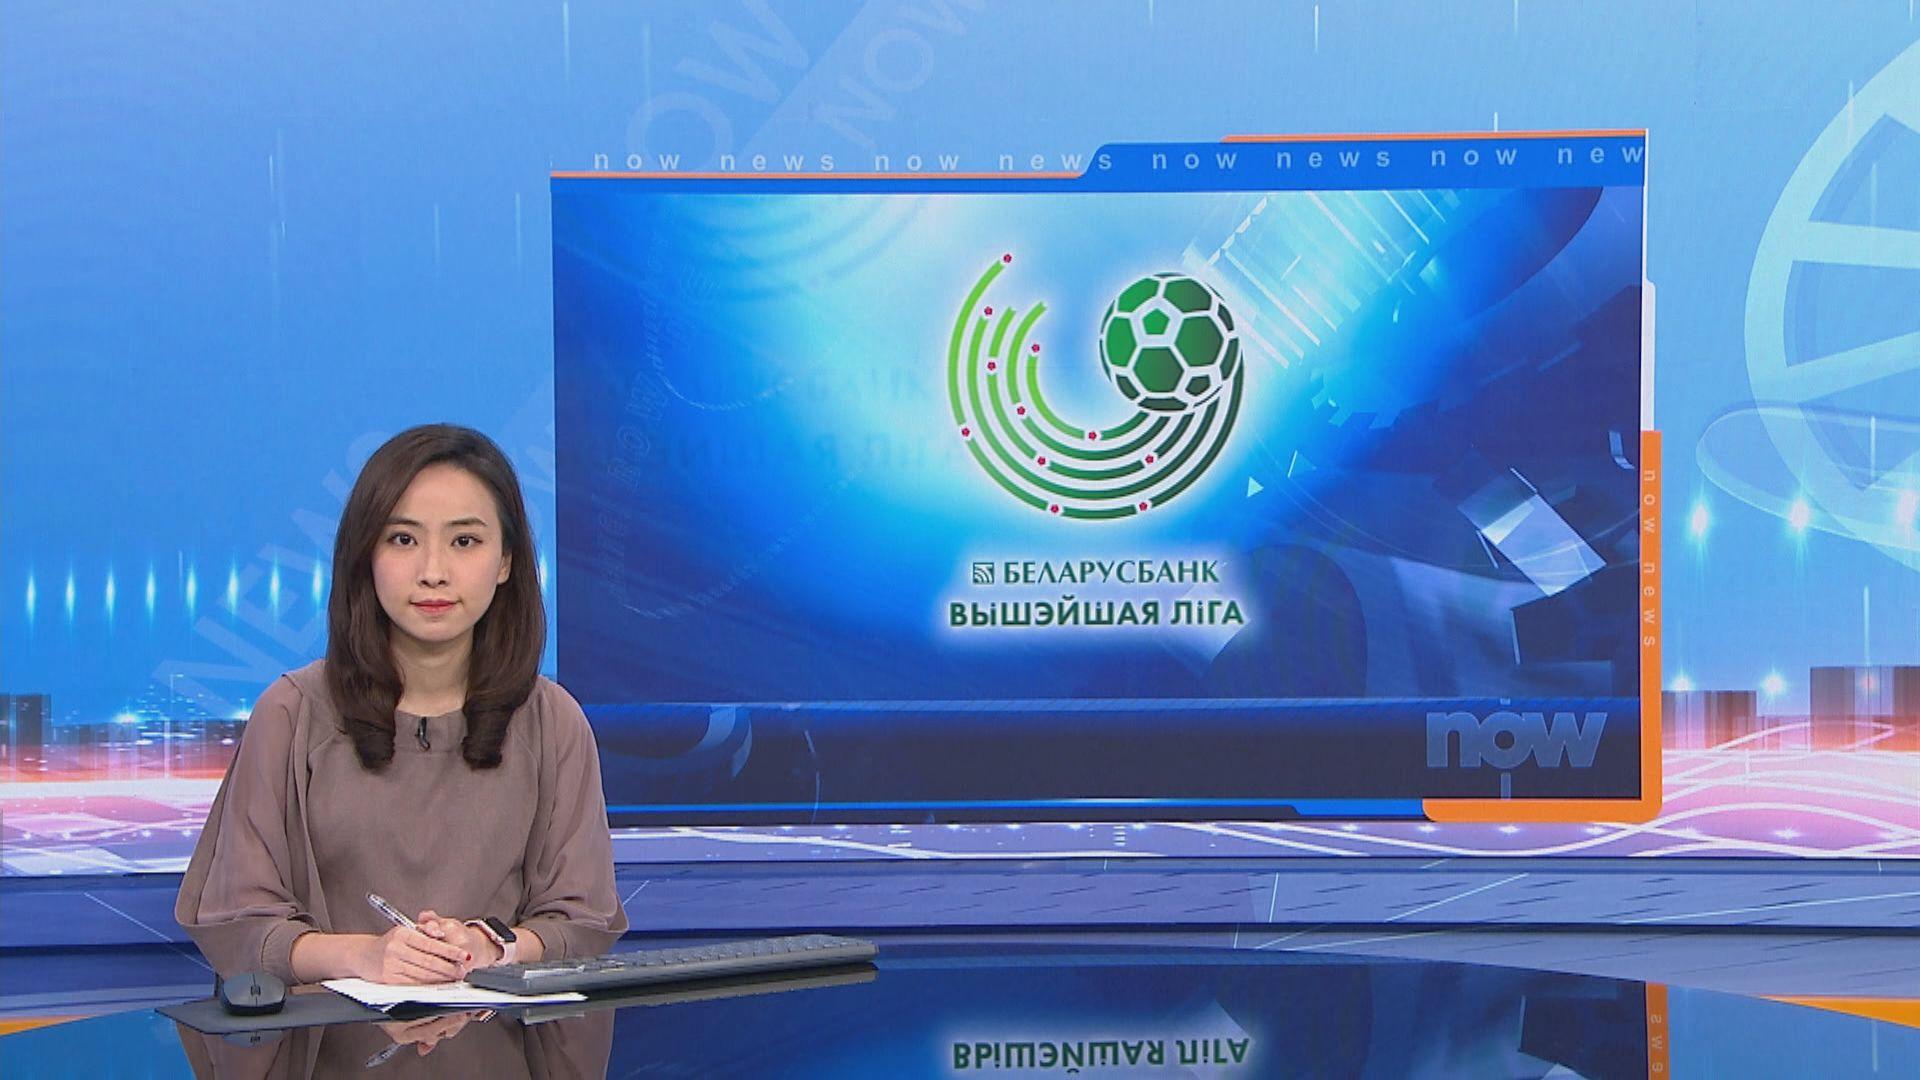 白俄羅斯足球聯賽疫情下繼續進行